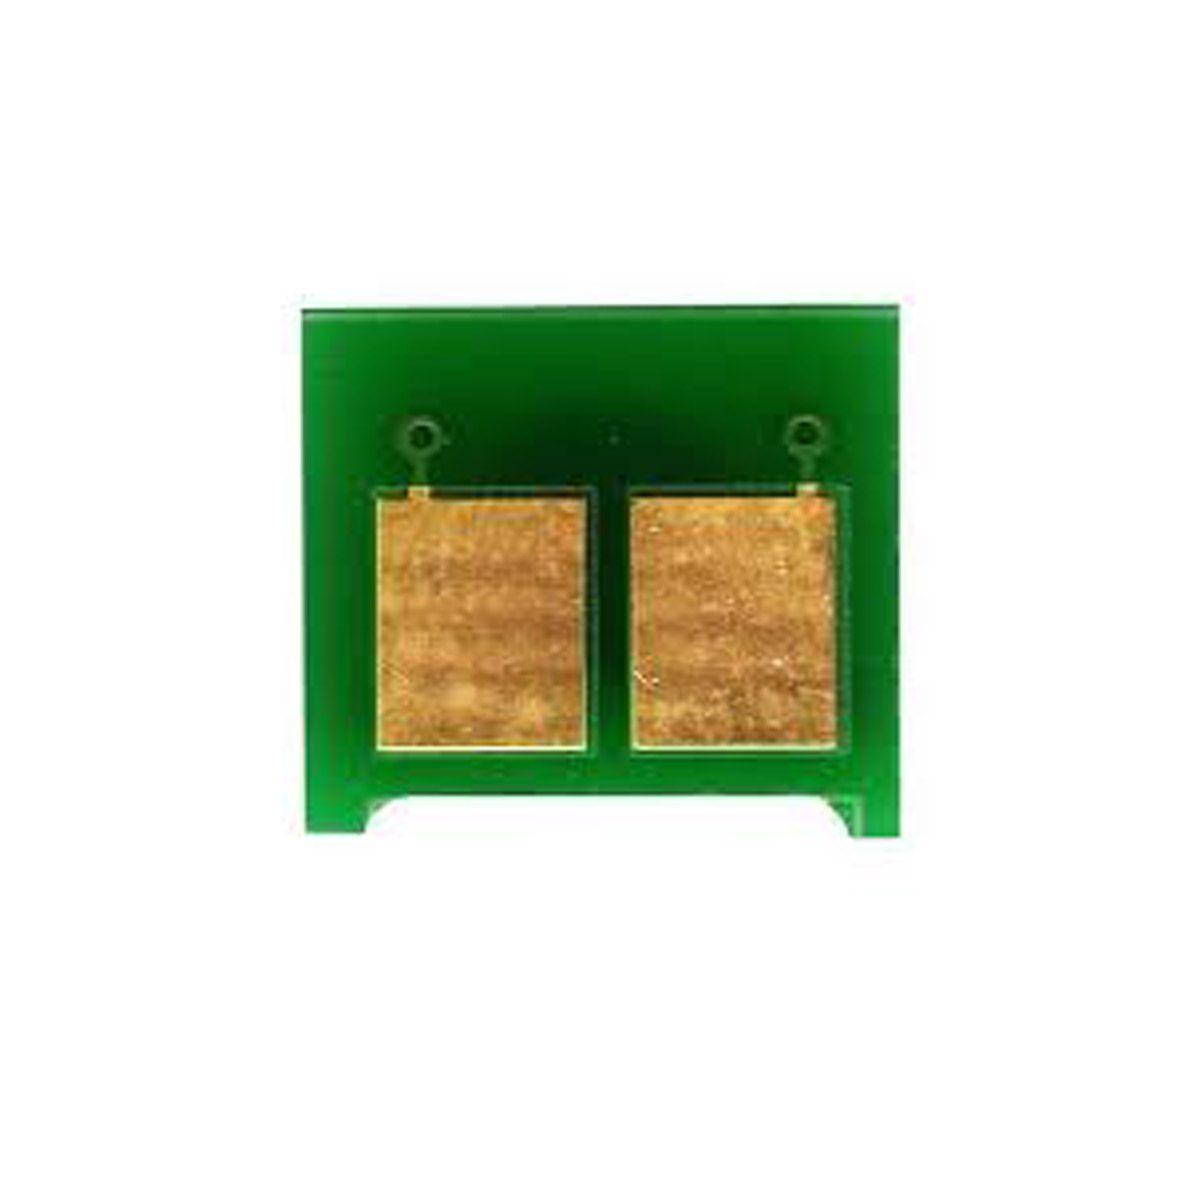 Chip HP CE285A CE285 CE-285 285 - M1132 M1212 P1102 P1102W - 1.6k